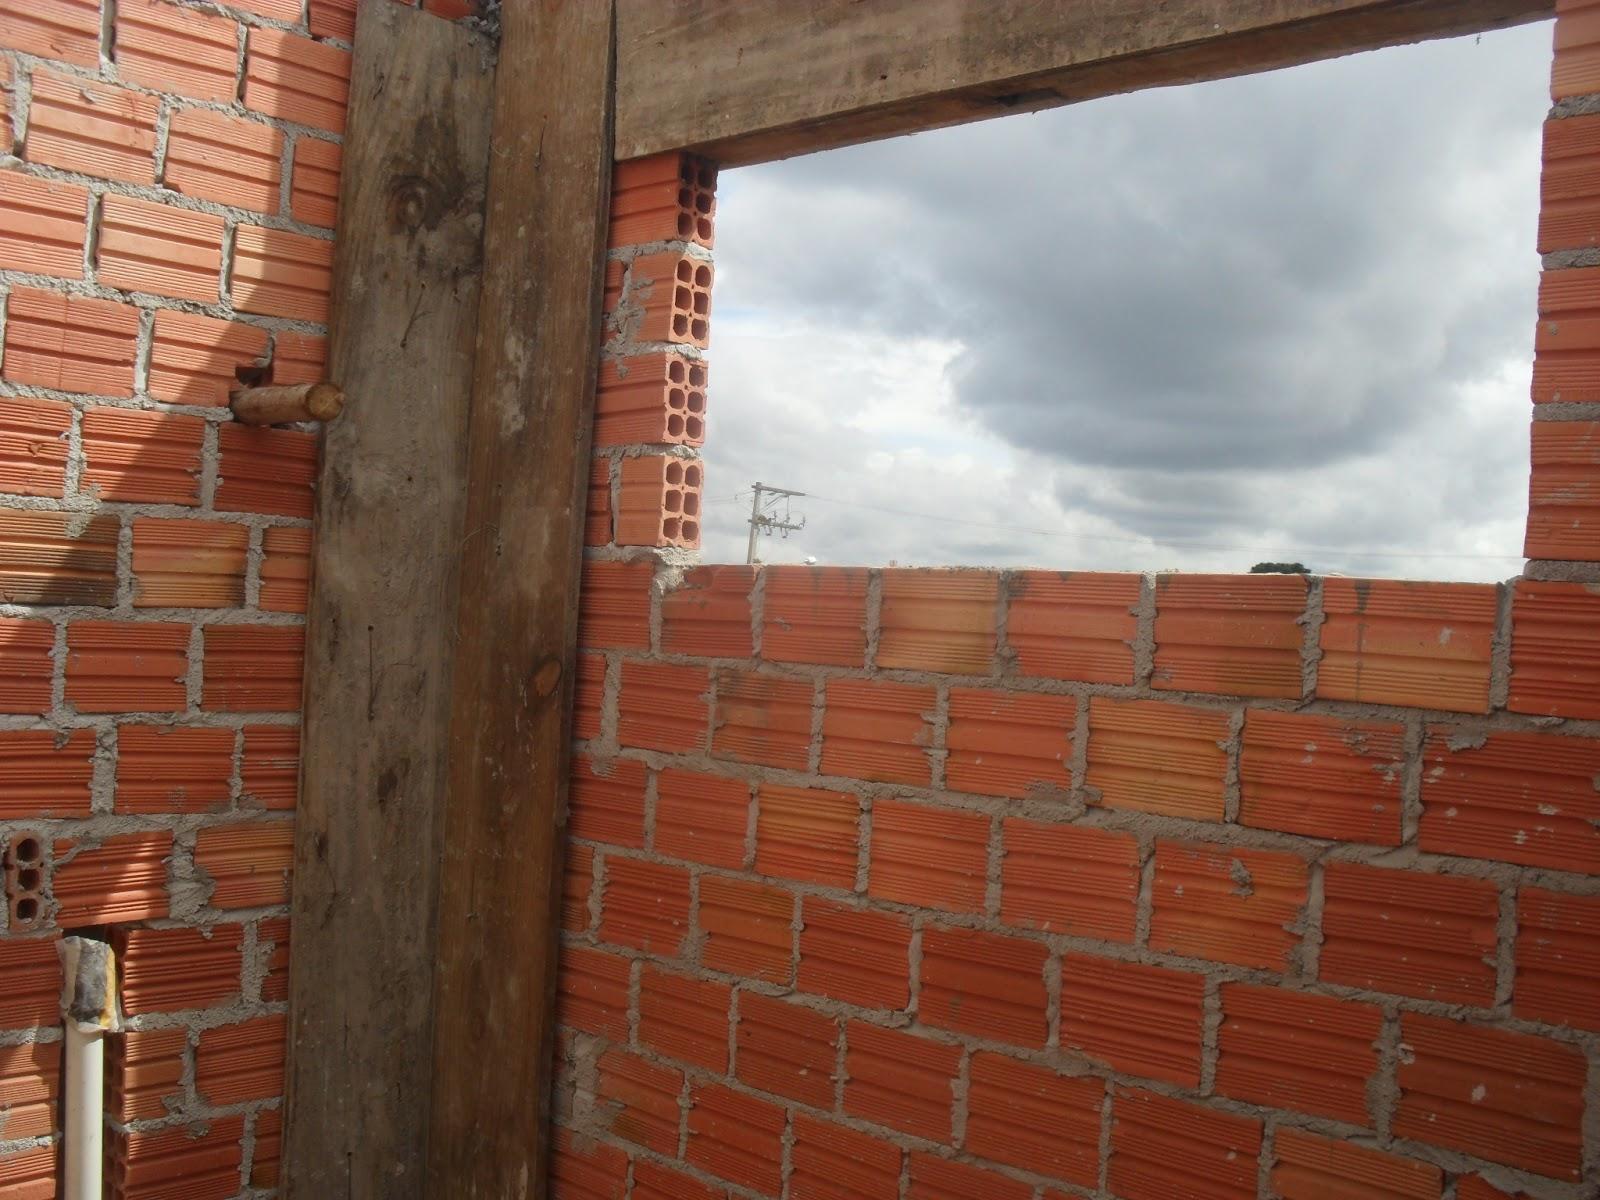 Construindo minha casa meu sonho Com fé em Deus tudo é alcançado  #713B27 1600 1200